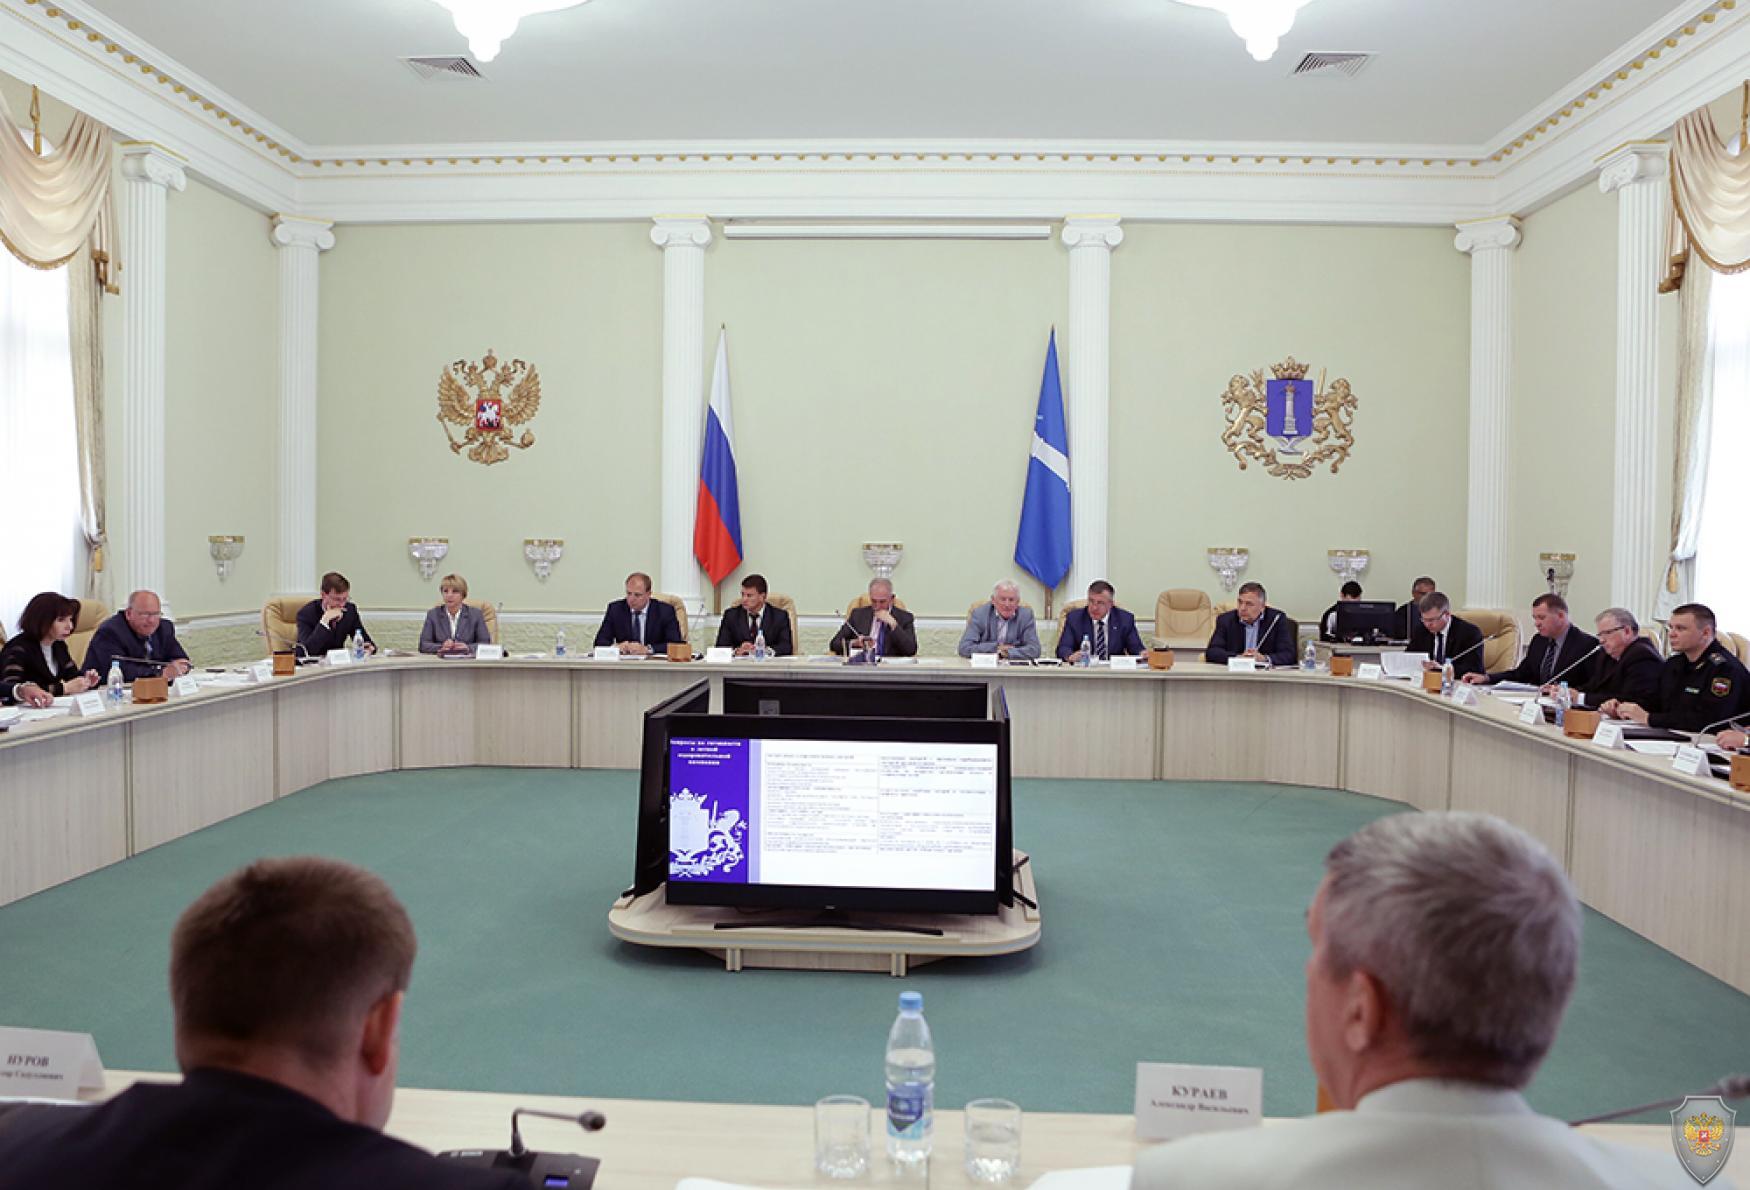 Проведение заседания антитеррористической комиссии в Ульяновской области 28 мая 2018 года (на фотографии: члены АТК и приглашённые лица)